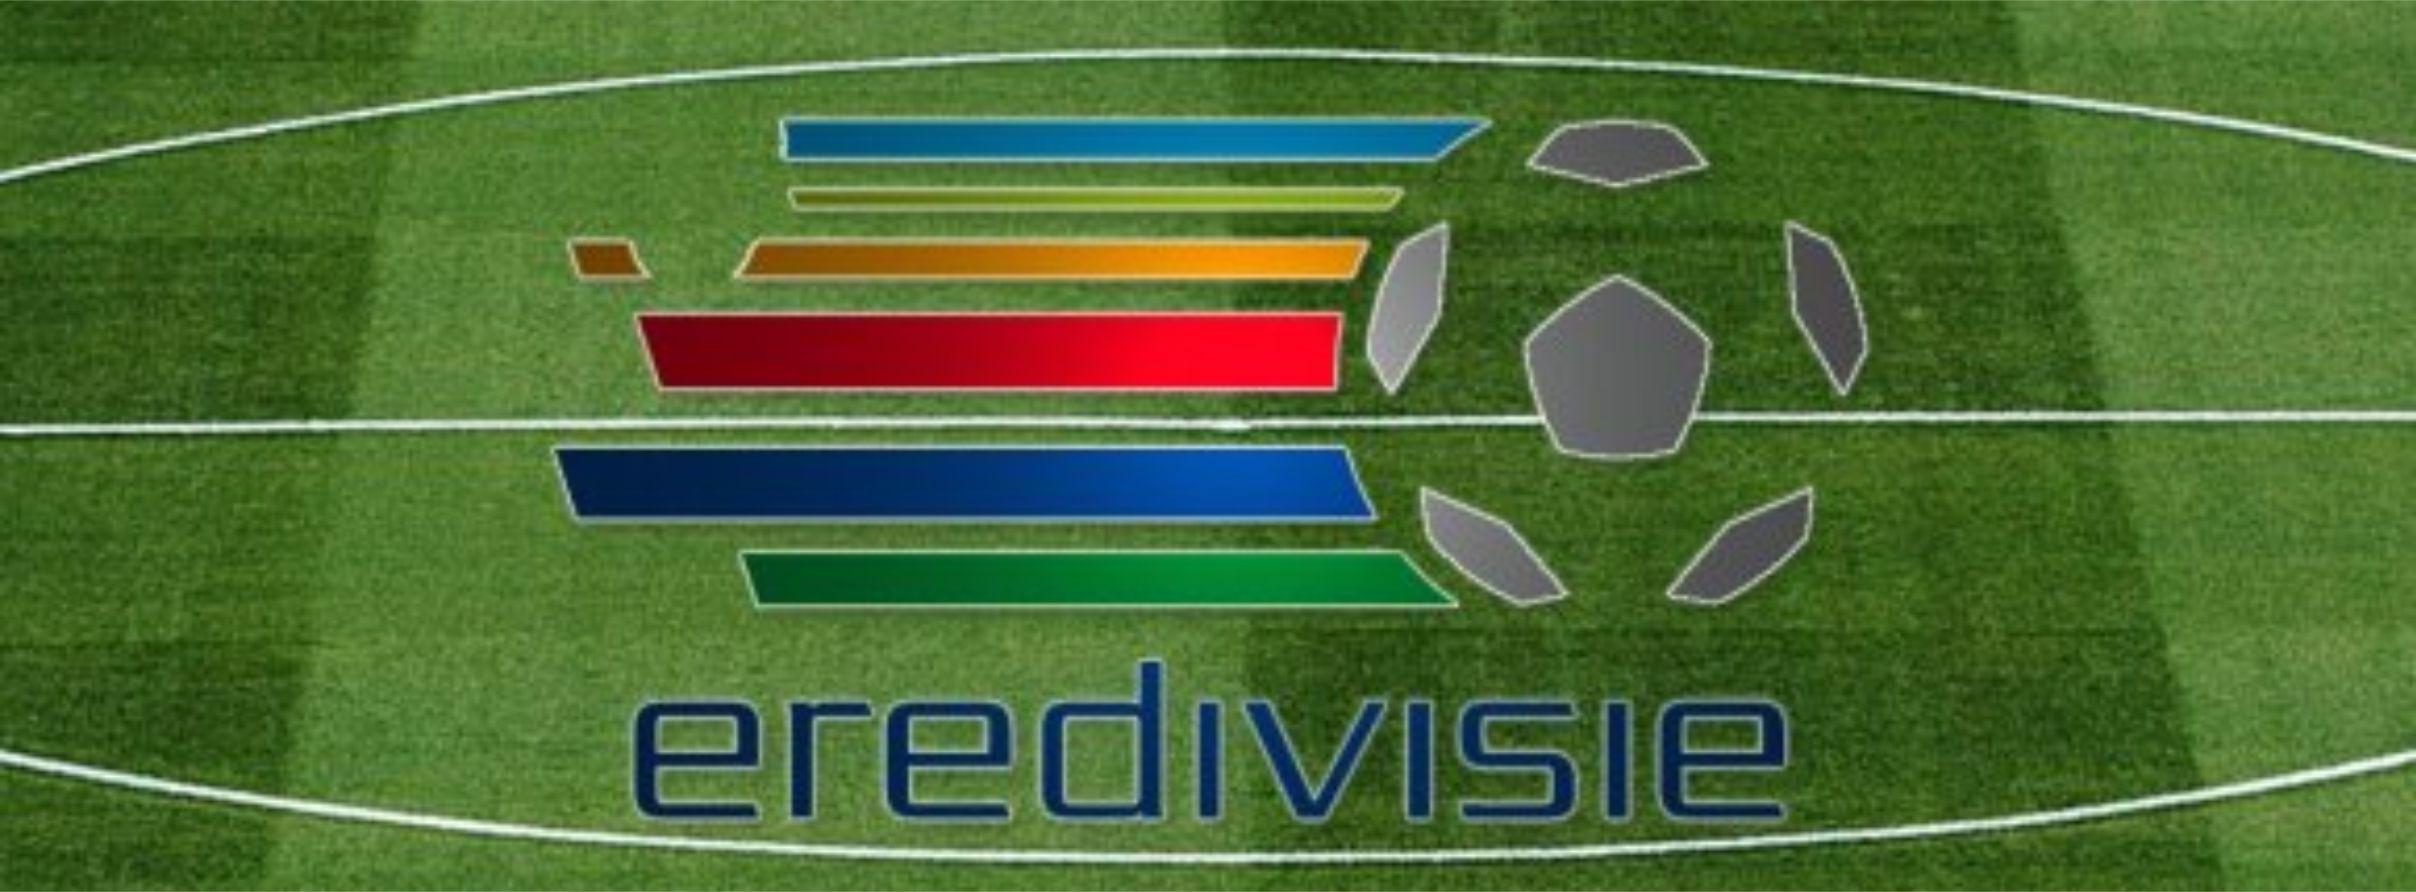 Voetbalshirts Eredivisie